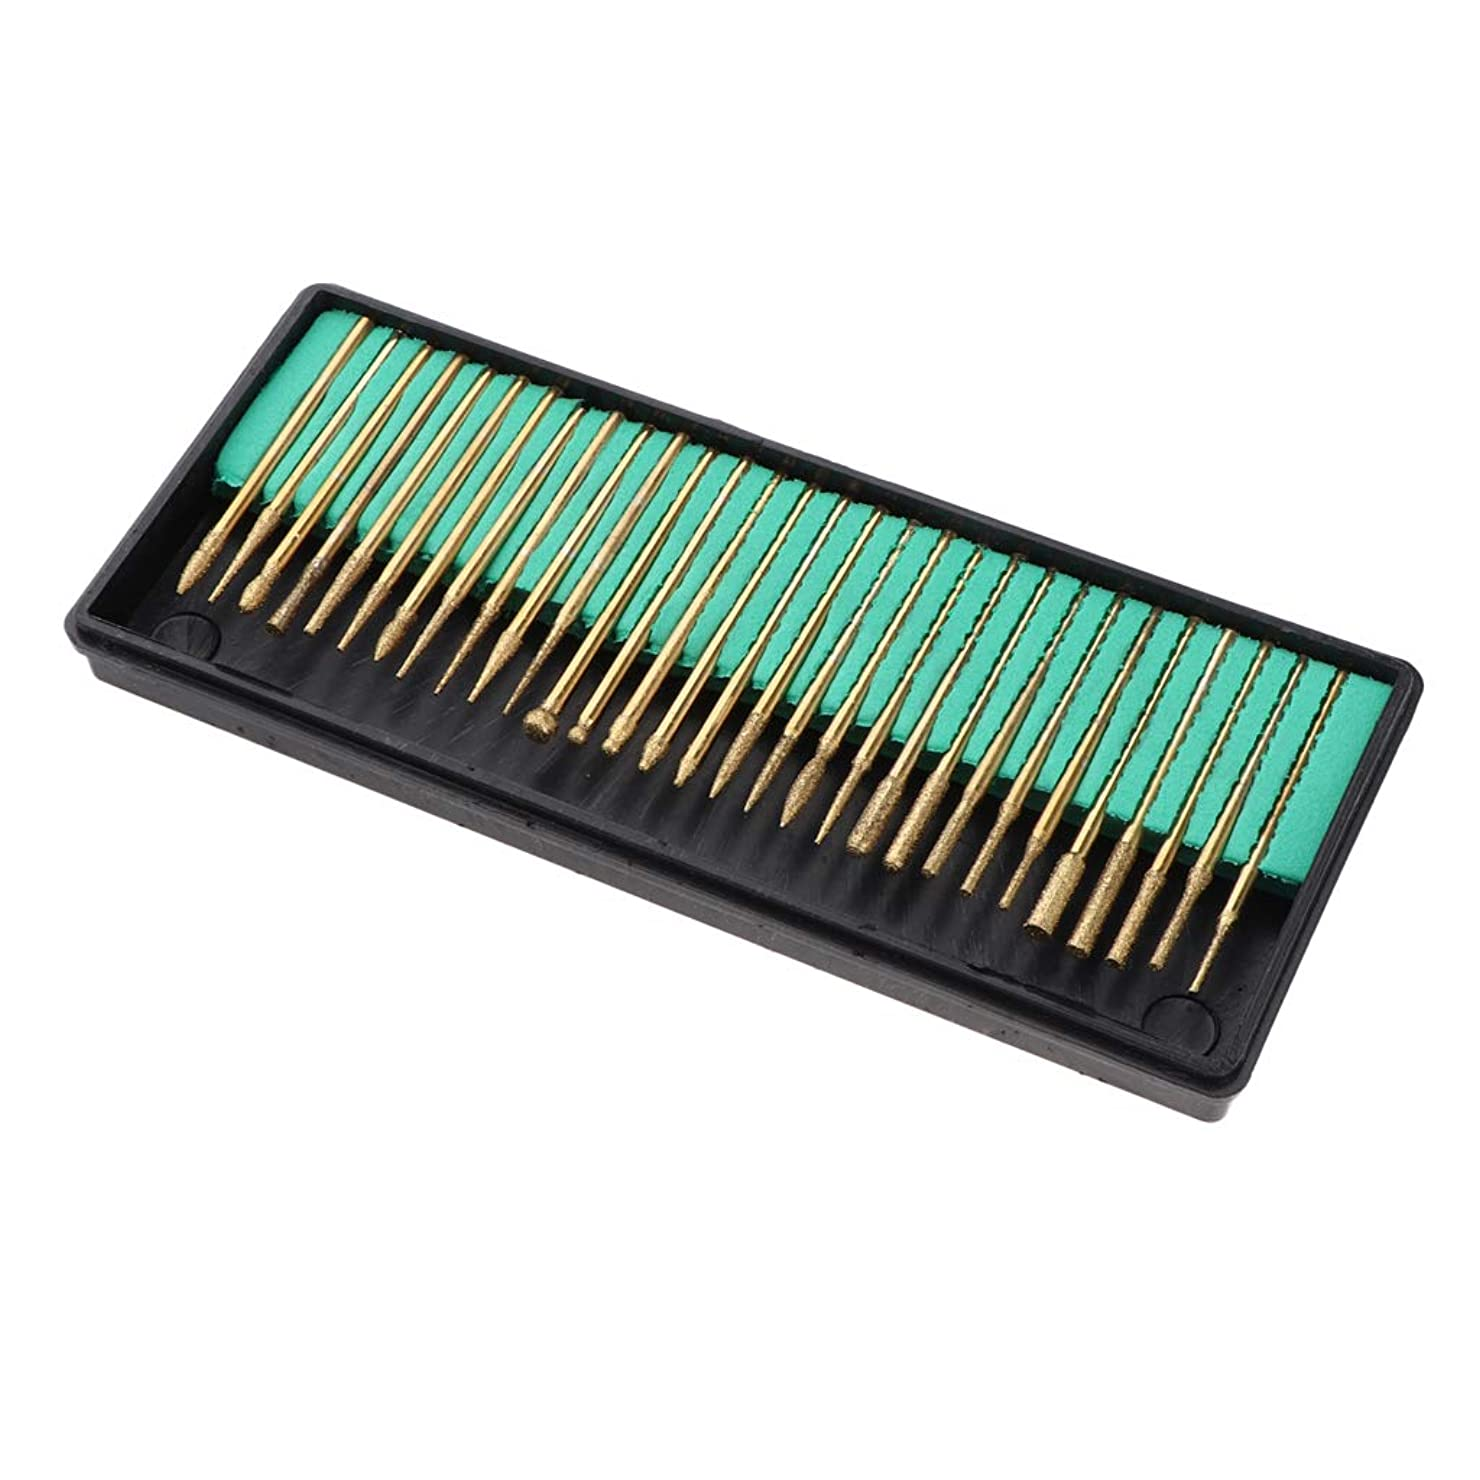 バスケットボール皮抜け目がないFLAMEER 30本 ネイルチップ研削ヘッド ステンレス鋼製 ネイルドリルビット セット